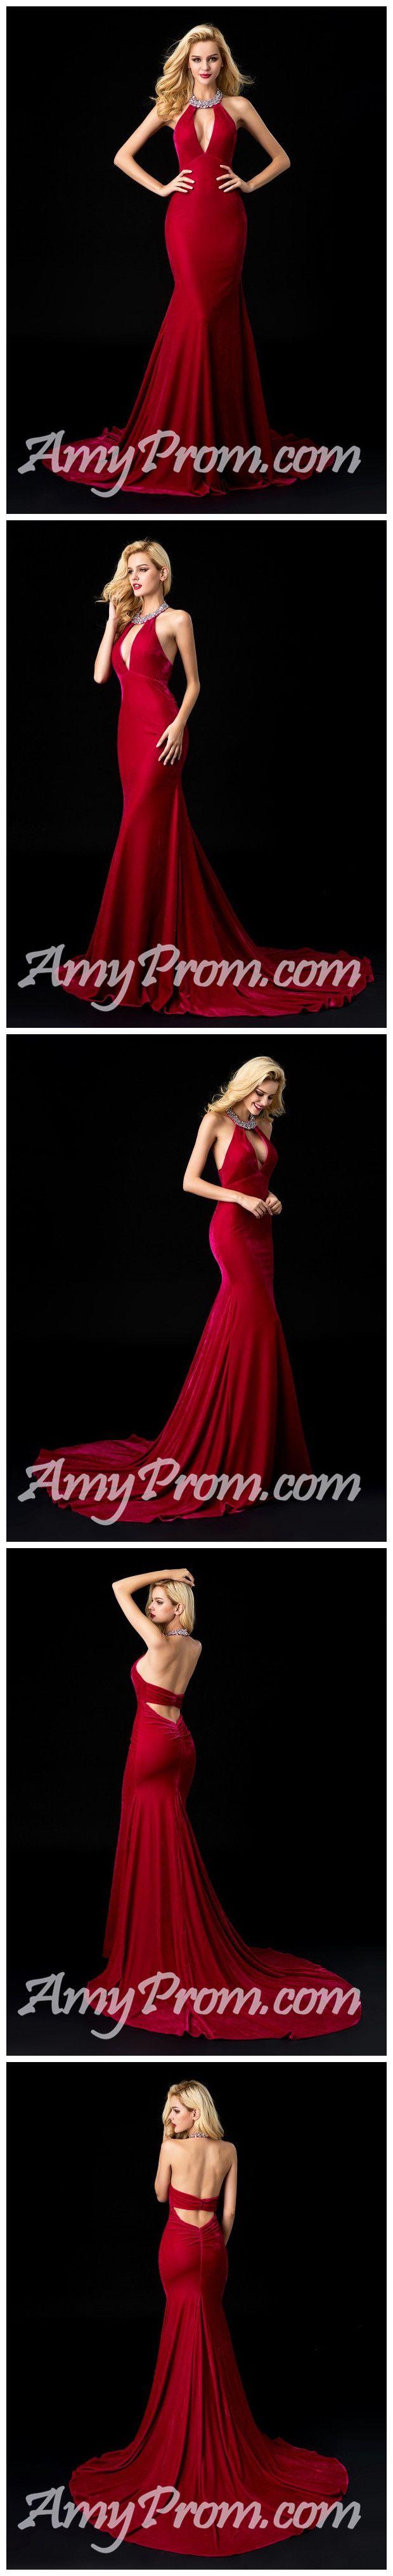 Red Prom Dress,Mermaid Prom Dress,Long Prom Dress,2018 Prom Dress,Cheap Prom Dress #amyprom #longpromdress #2018prom #promdress